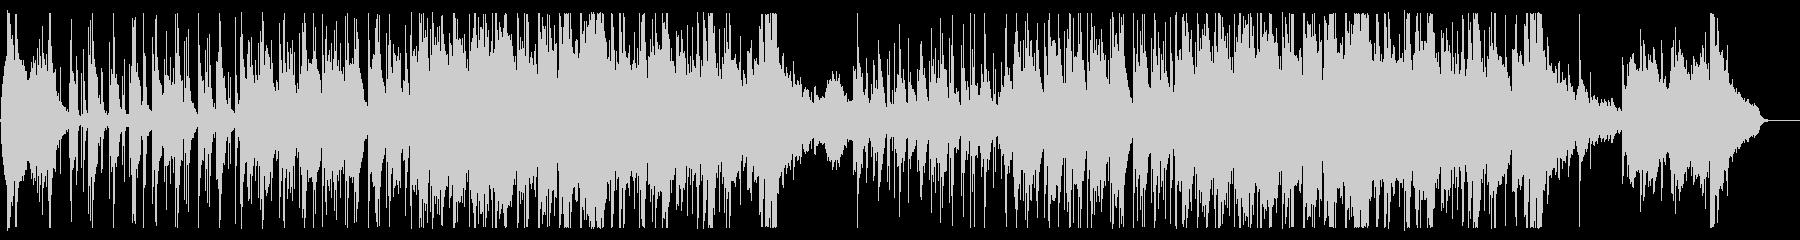 和楽器によるオリエンタルな楽曲の未再生の波形